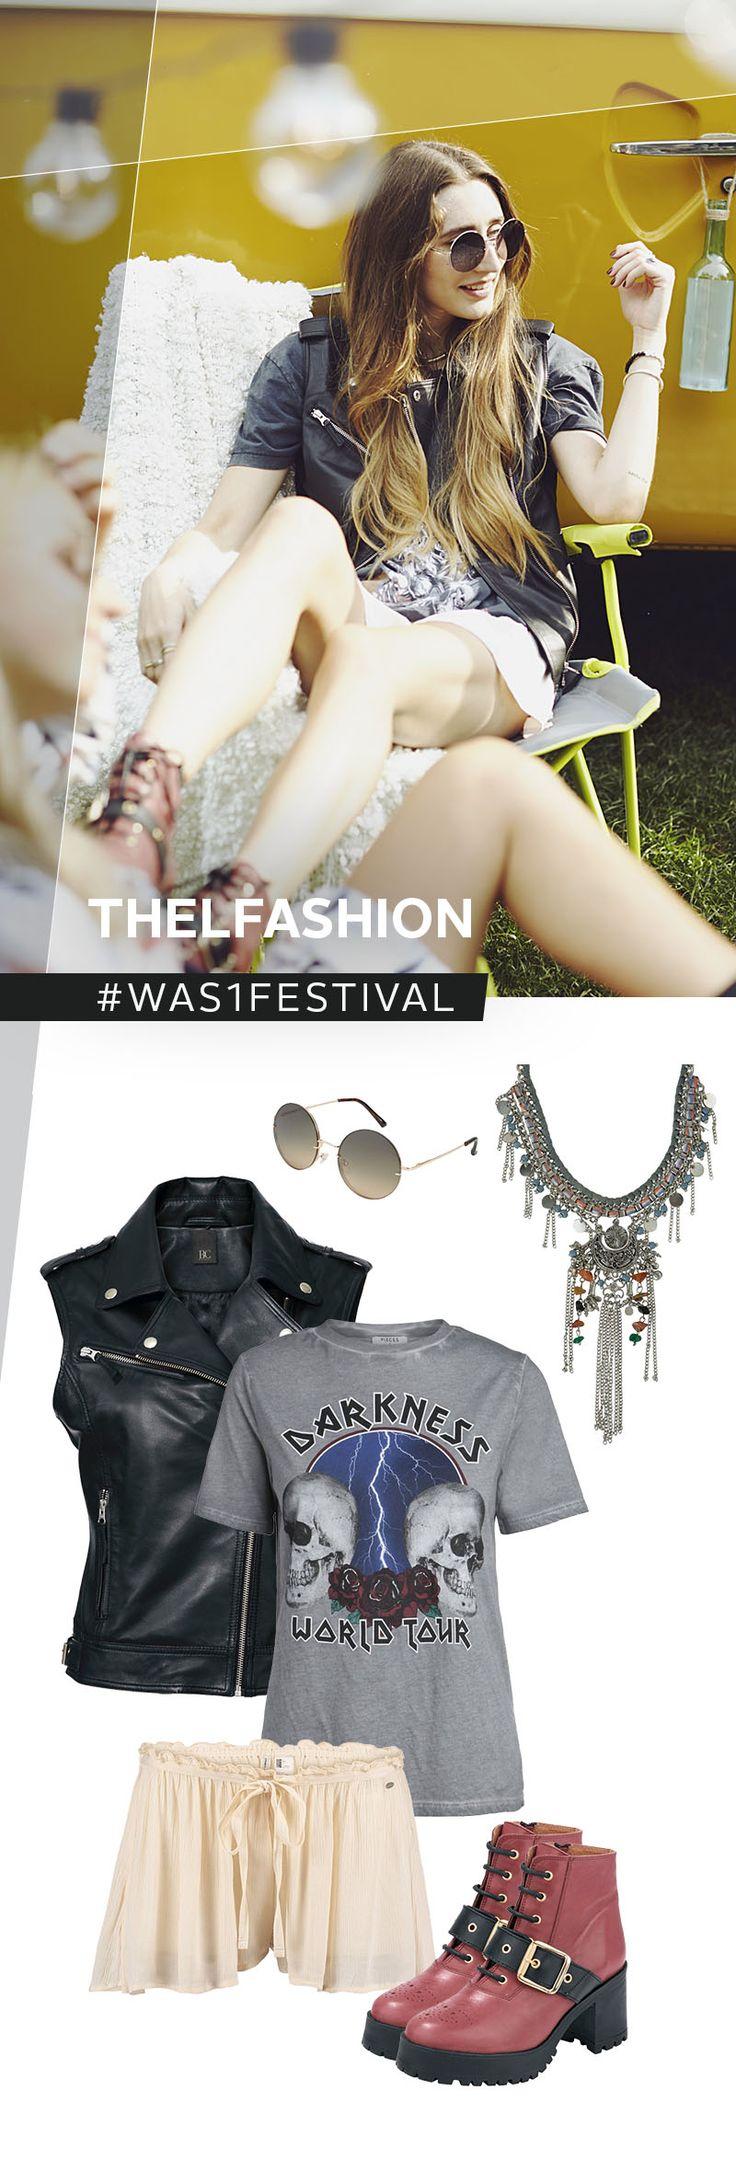 Gothic meets Metal meets Fashion! Das Festival-Outfit von @thelfashion beeindruckt mit einem außergewöhnlich Mix aus Leder, Skulls und verspielten Elementen wie der Walkshorts. Die krassen Boots und ein bisschen Ethnoschmuck runden den Look perfekt ab!